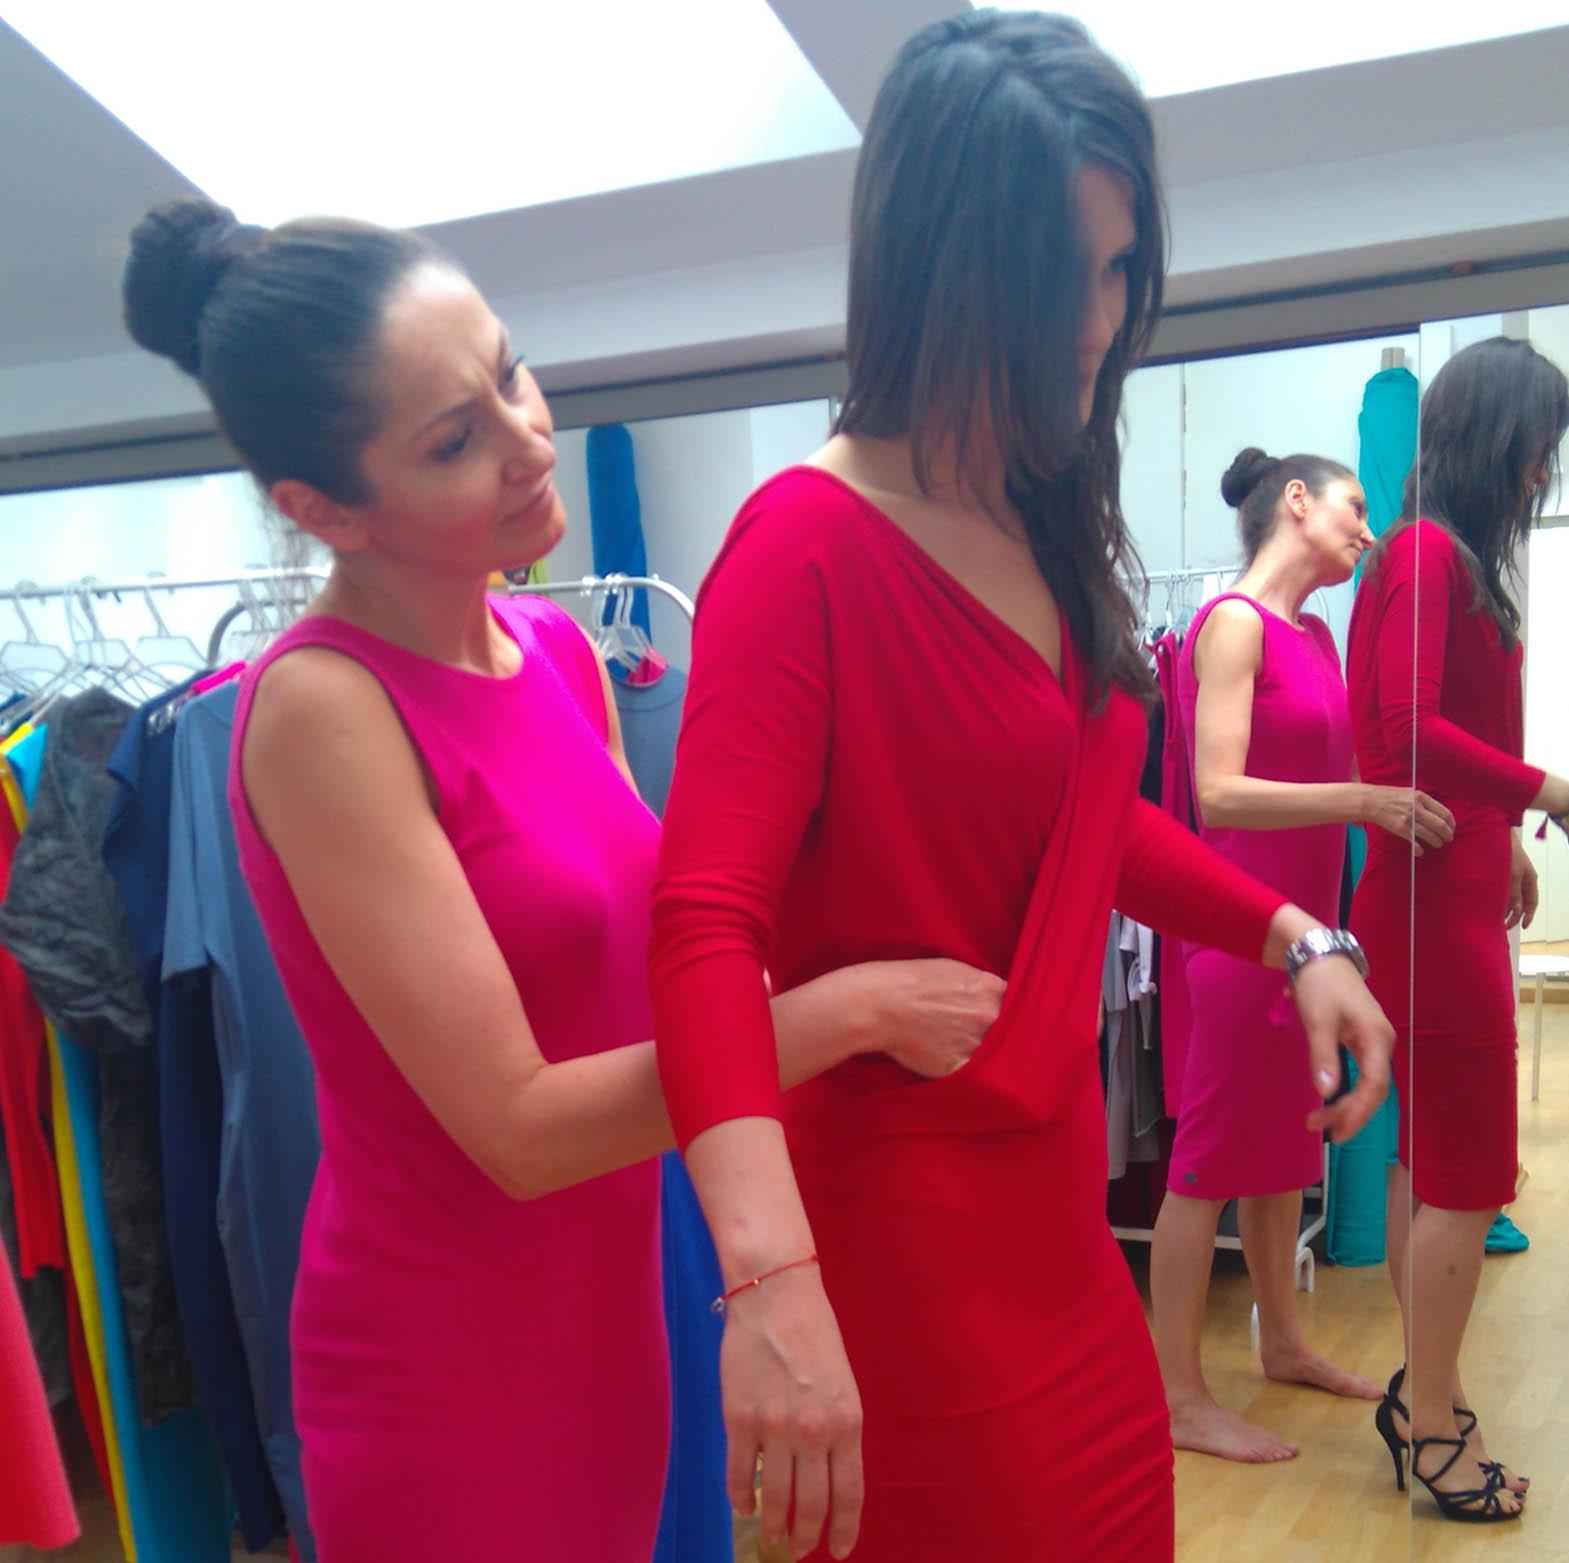 Sukienki szyte na miarę - pierwsze przymiarki